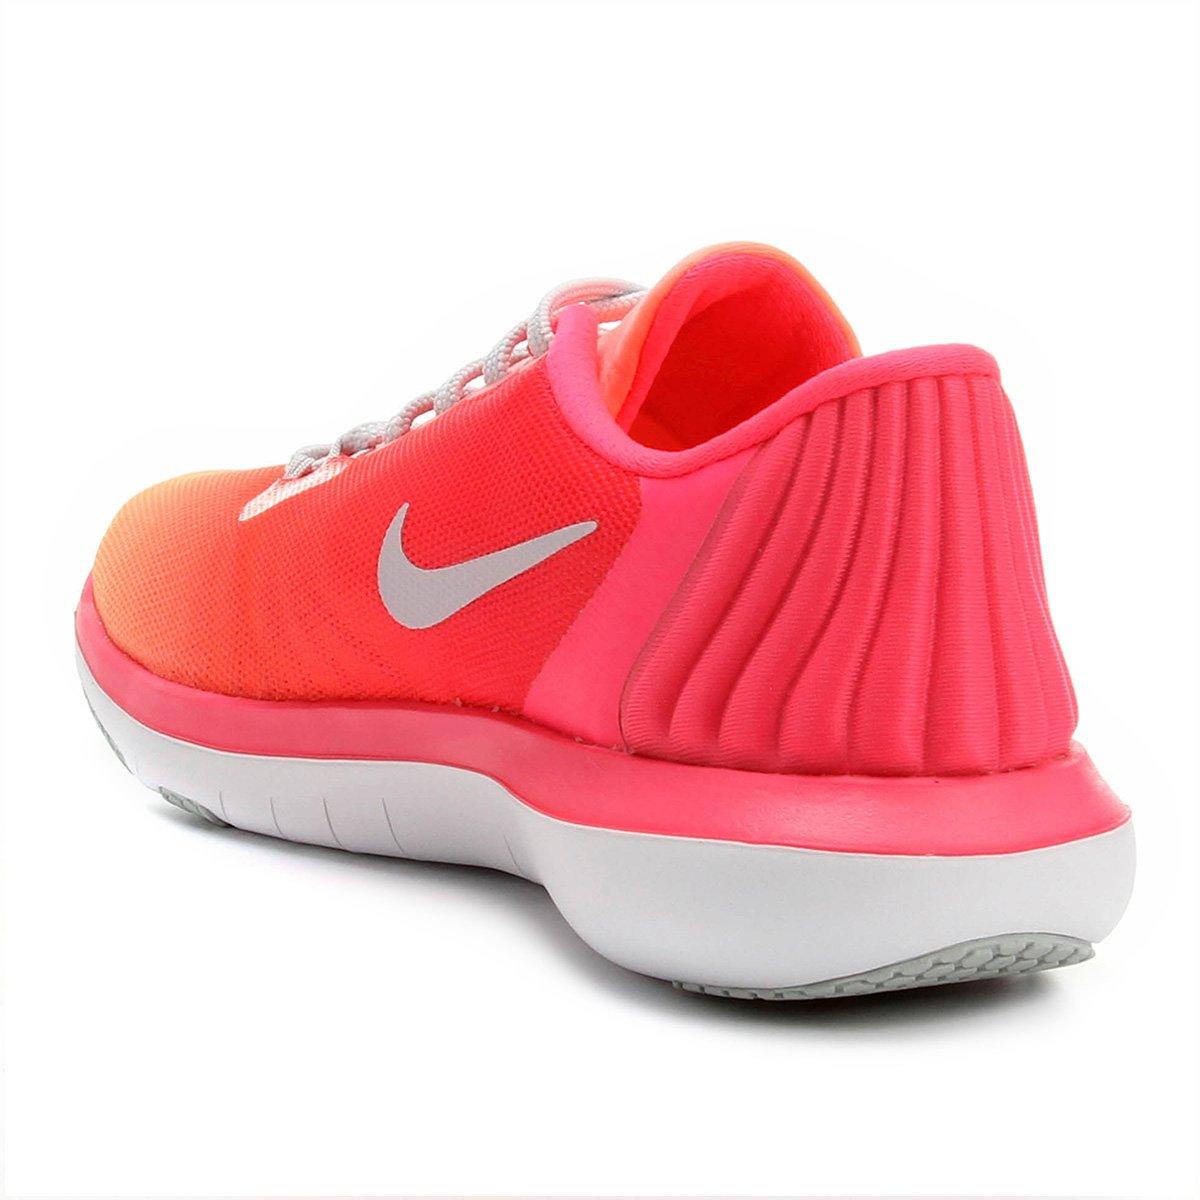 Tênis Nike Flex Supreme Tr 5 Fade Feminino - Rosa e Branco - Compre ... 2a604da623d4b